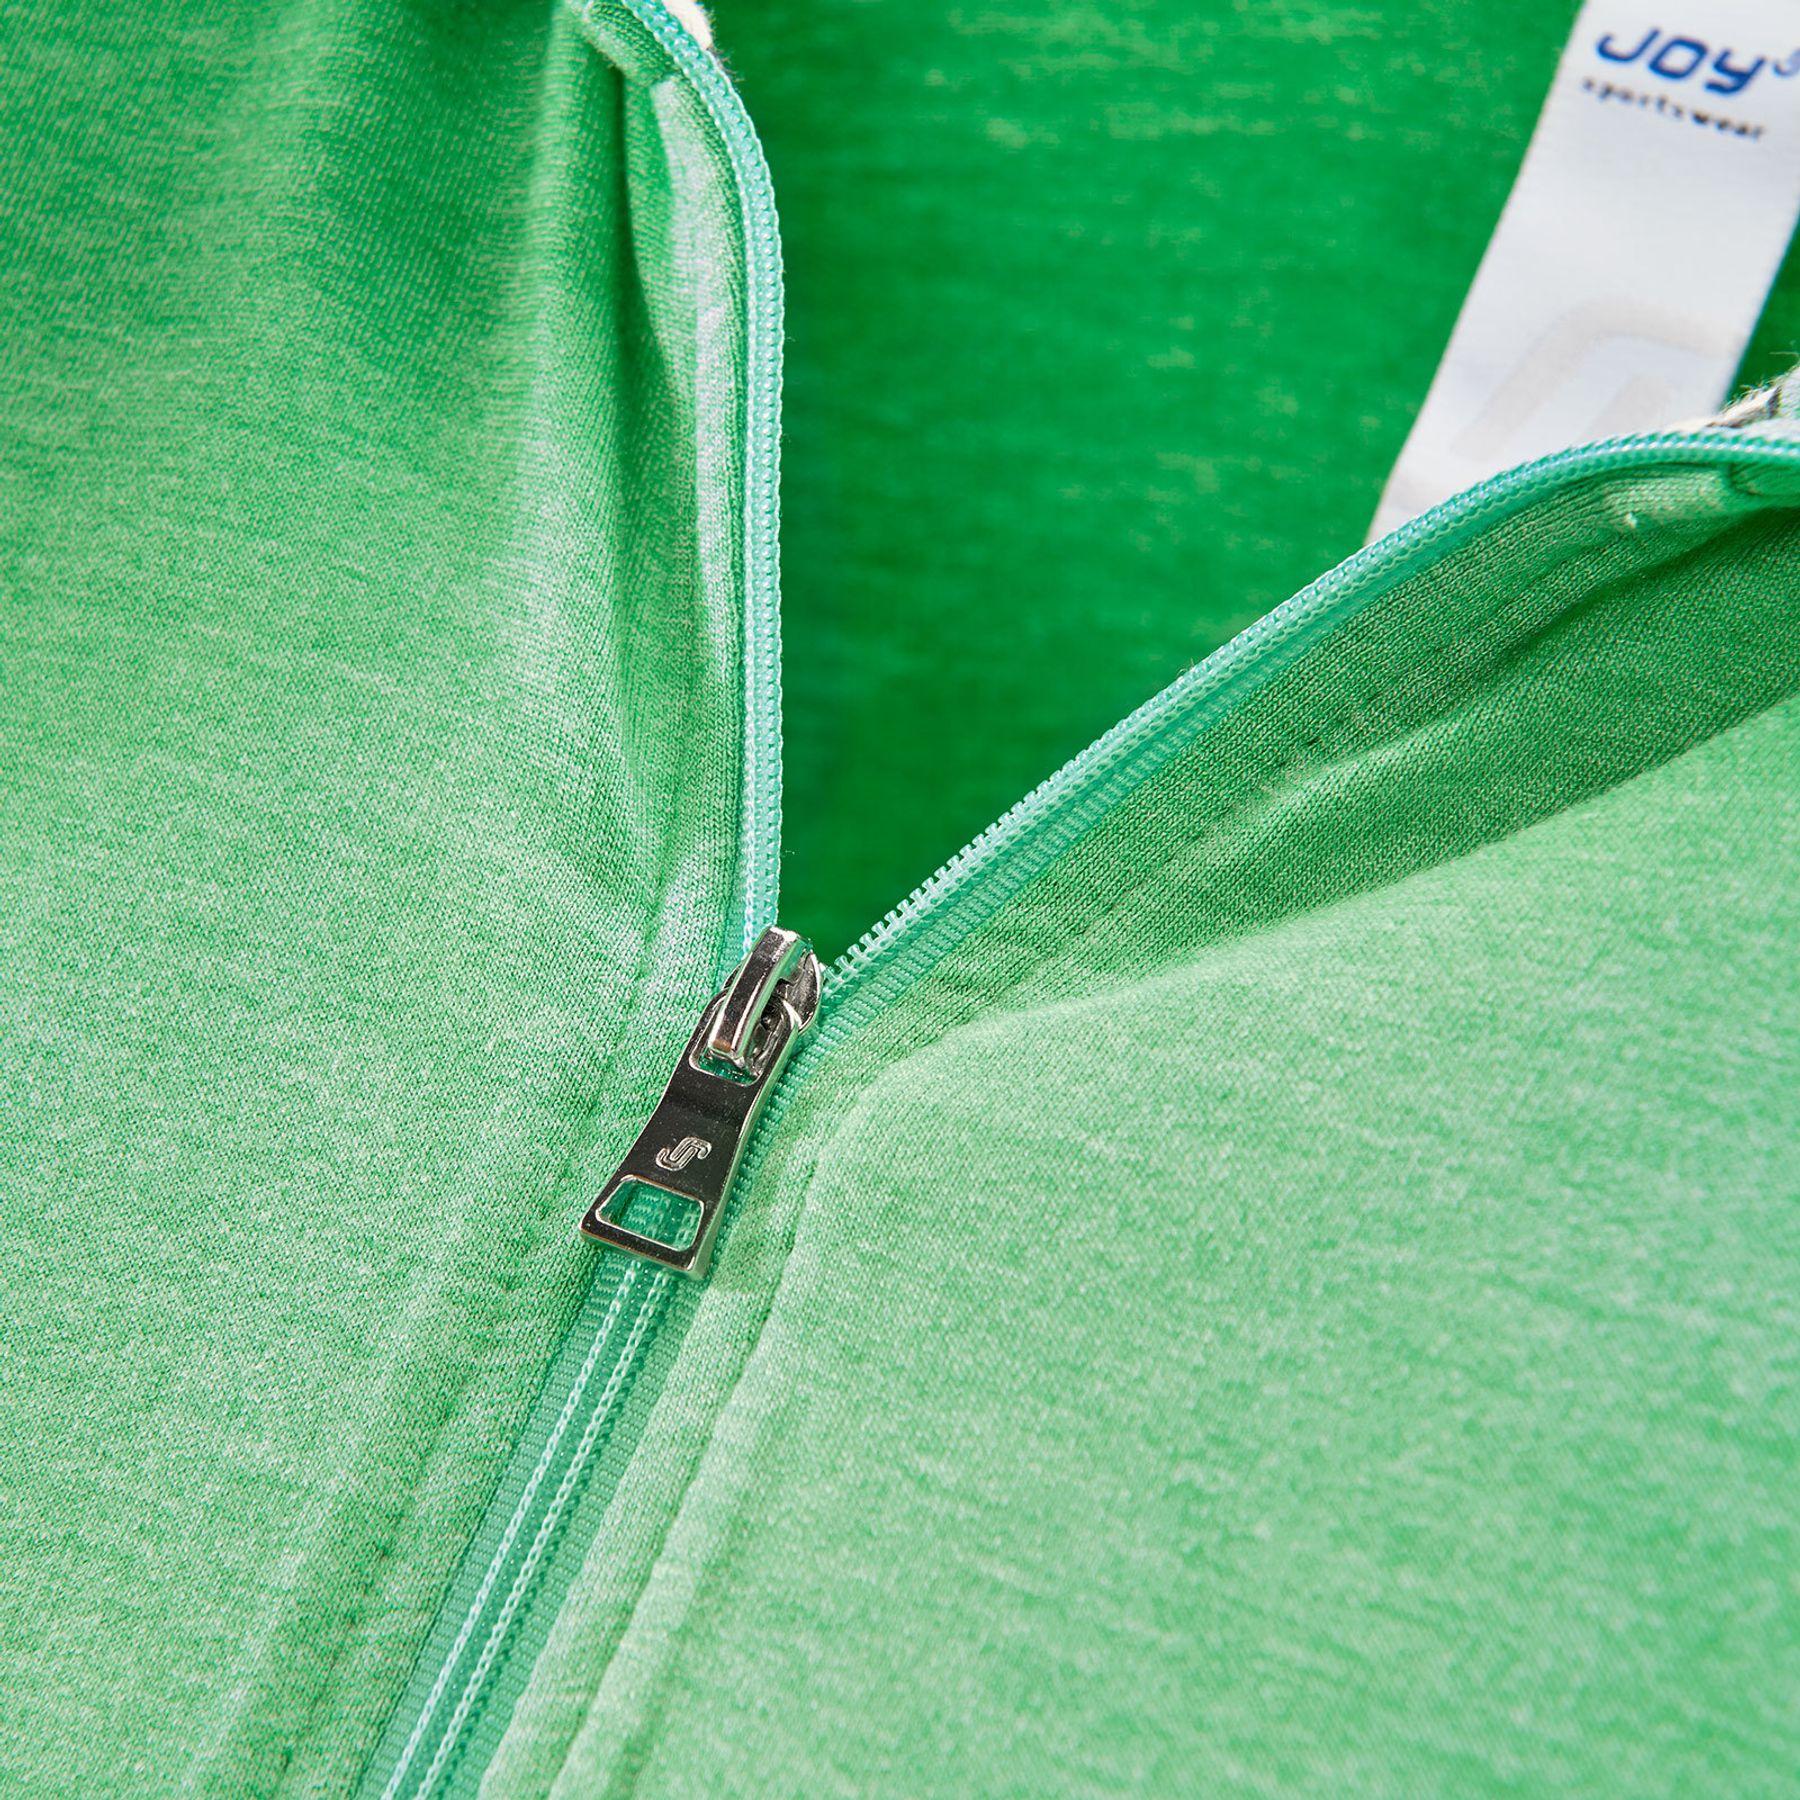 Joy - Damen Sport und Freizeit Jacke in mehreren Farben, Kama (34488 A) – Bild 8